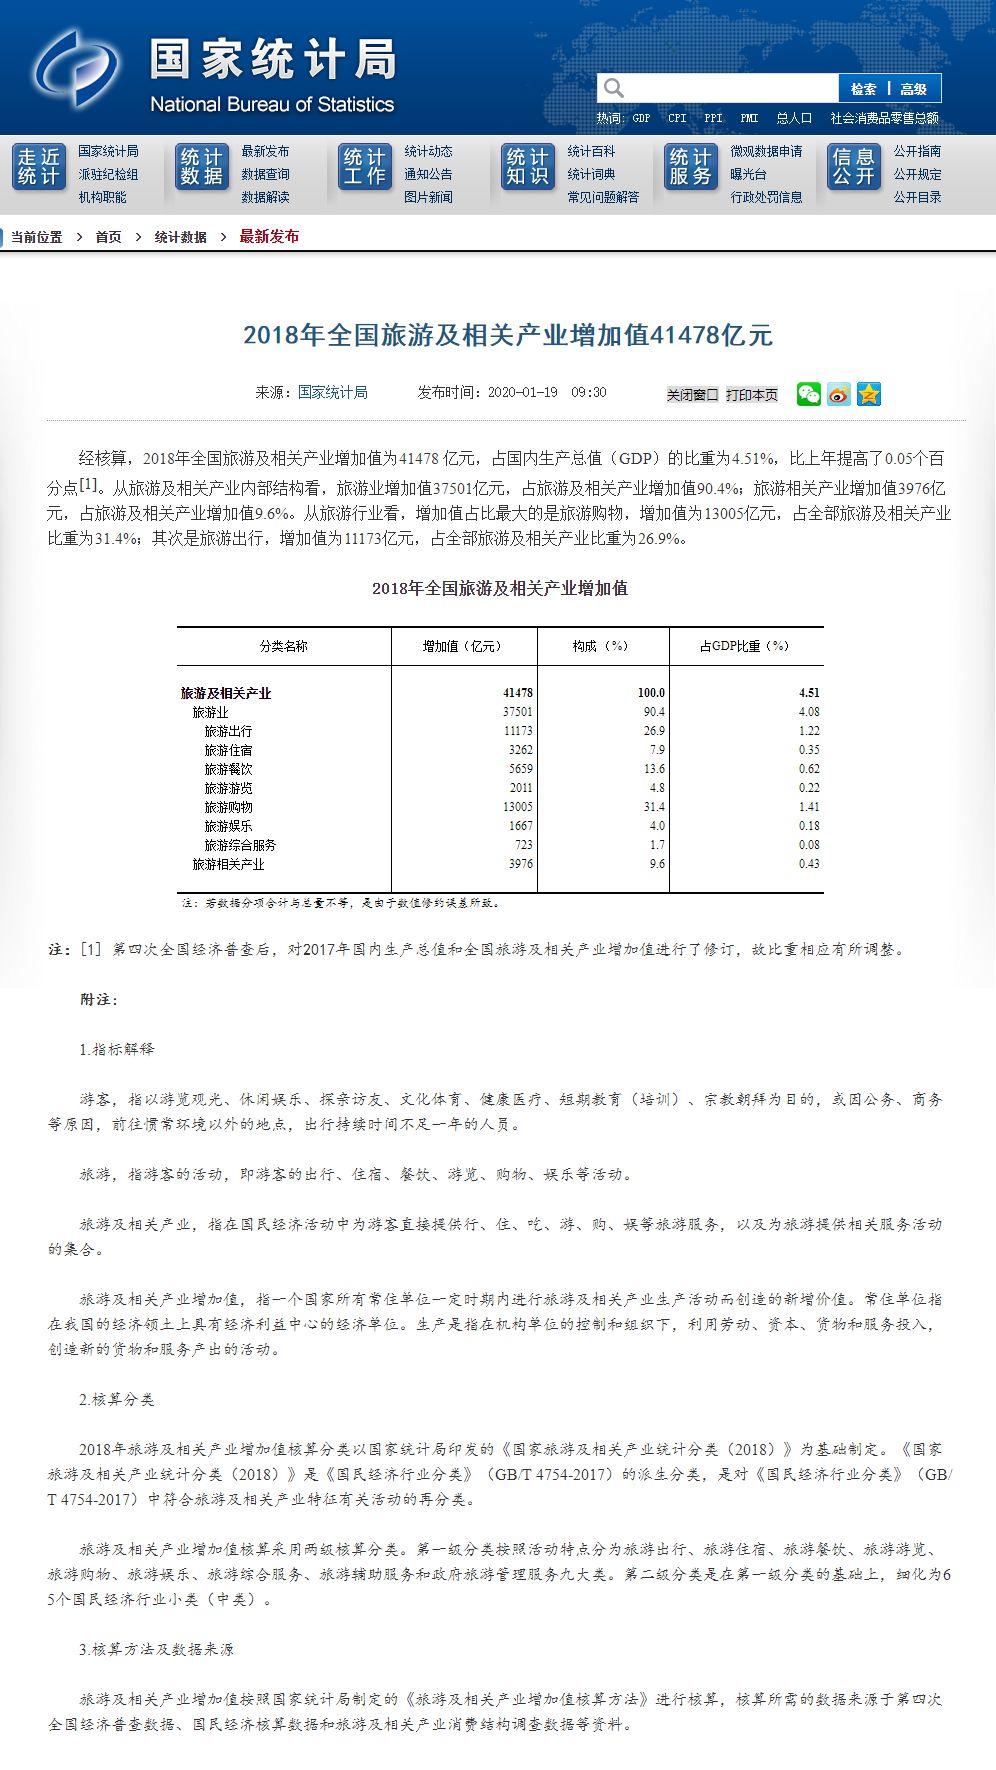 """旅游gdp比例_重庆""""十四五""""旅游业目标:GDP占比从3.9%提升至5%"""